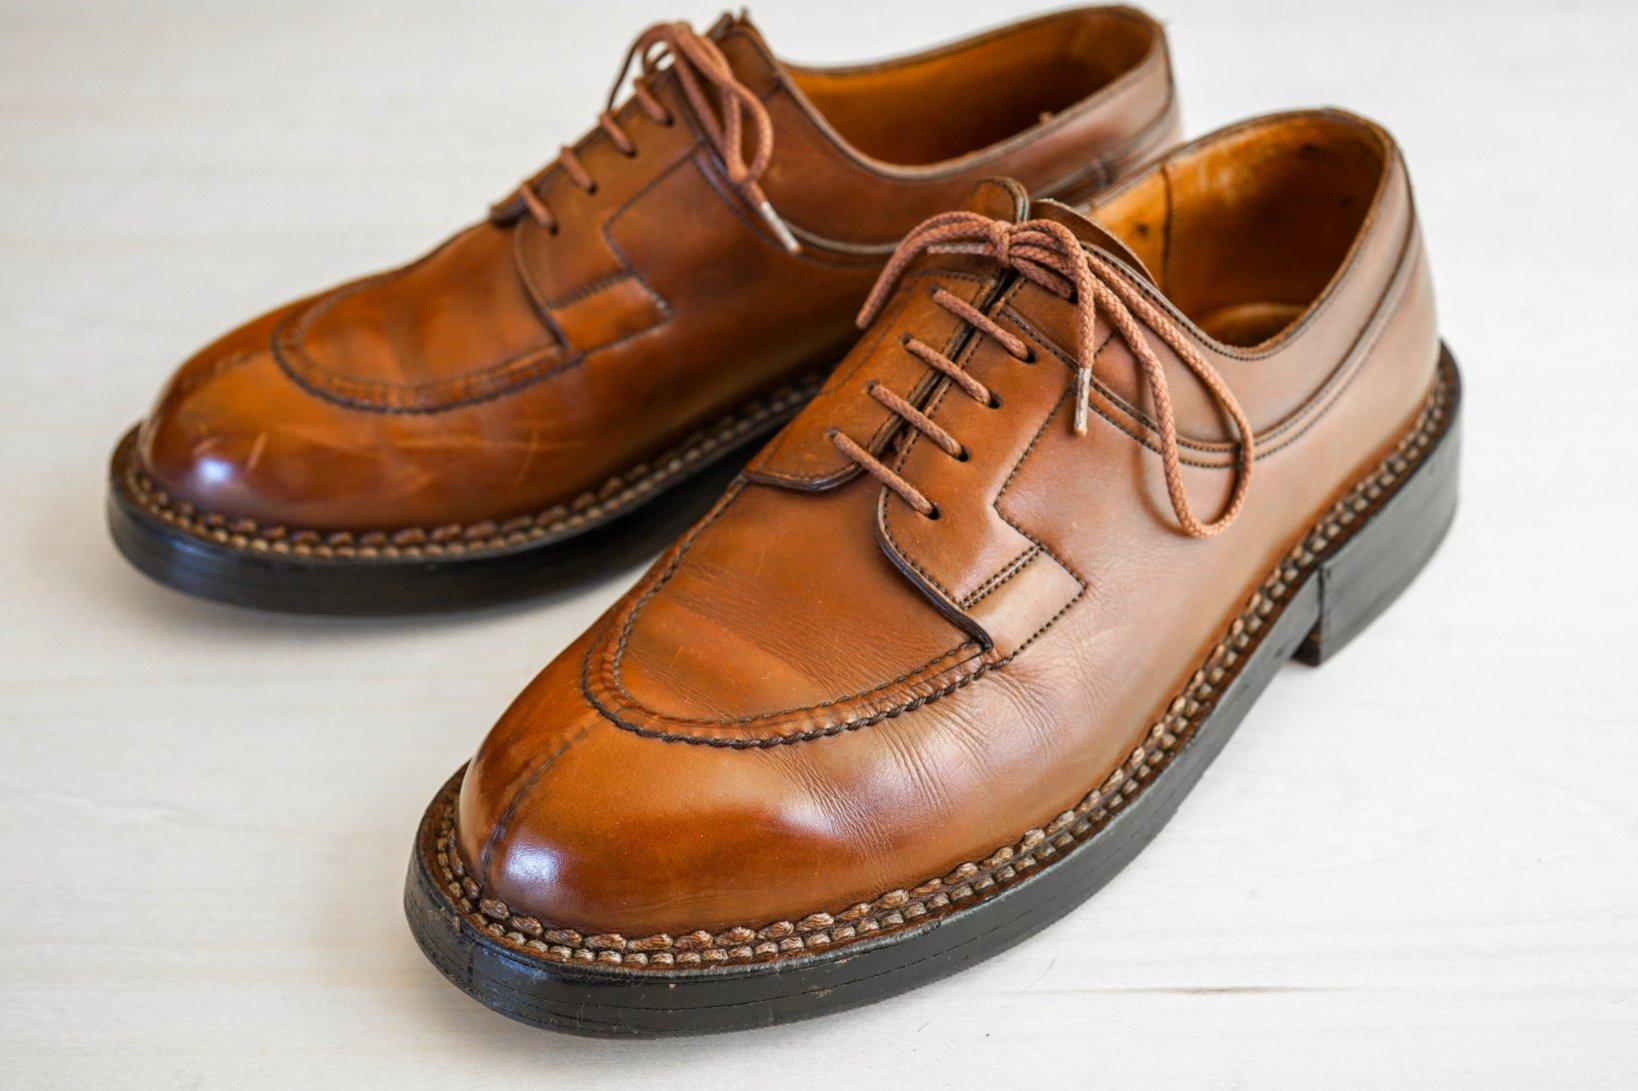 フランスの靴ブランド「J.M.WESTON(J.Mウェストン)」のUチップ。モデルは「Hunt Derby(ハントダービー)」。